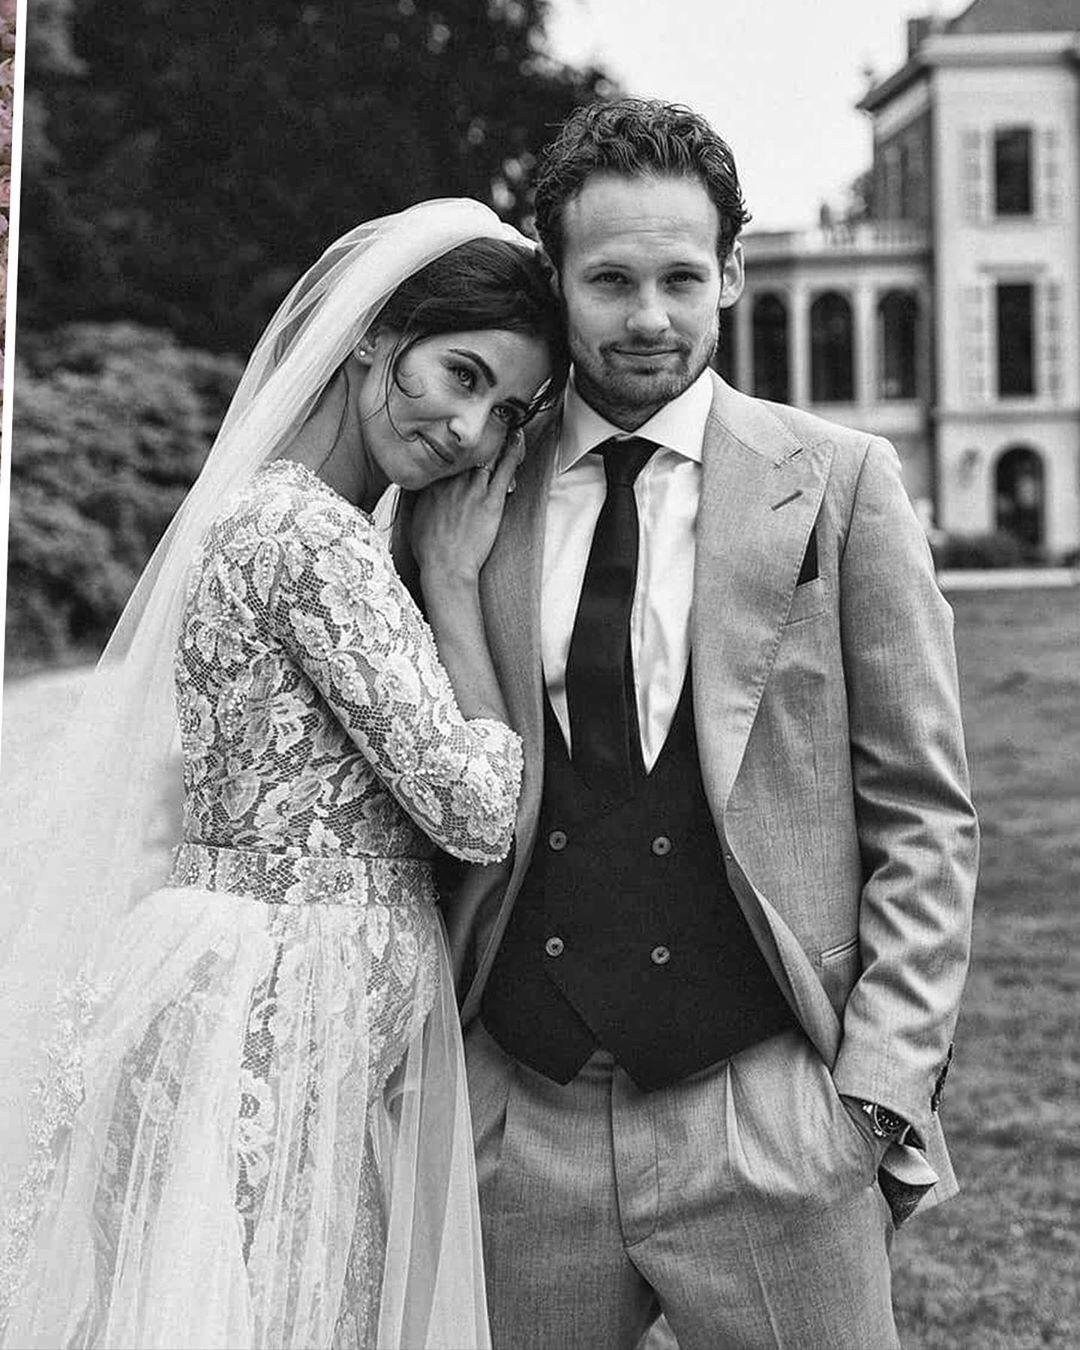 Chán cảnh độc thân, dàn sao bóng đá thi nhau cưới vợ trong hè này - Ảnh 6.